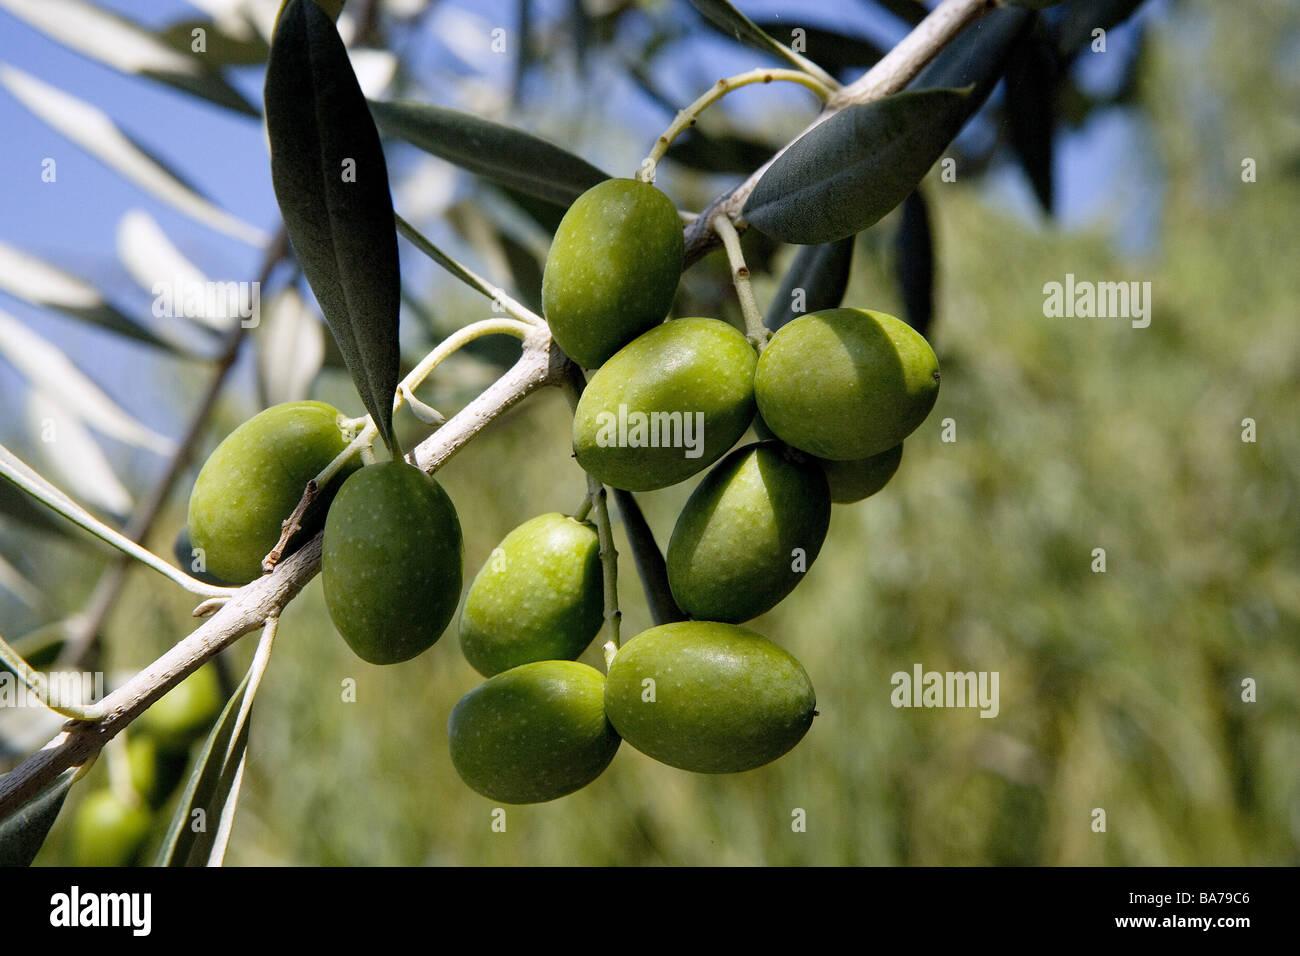 olivenbaum zweig detail oliven gr npflanze nutzpflanze lbaum olea europaea zweig bl tter die. Black Bedroom Furniture Sets. Home Design Ideas